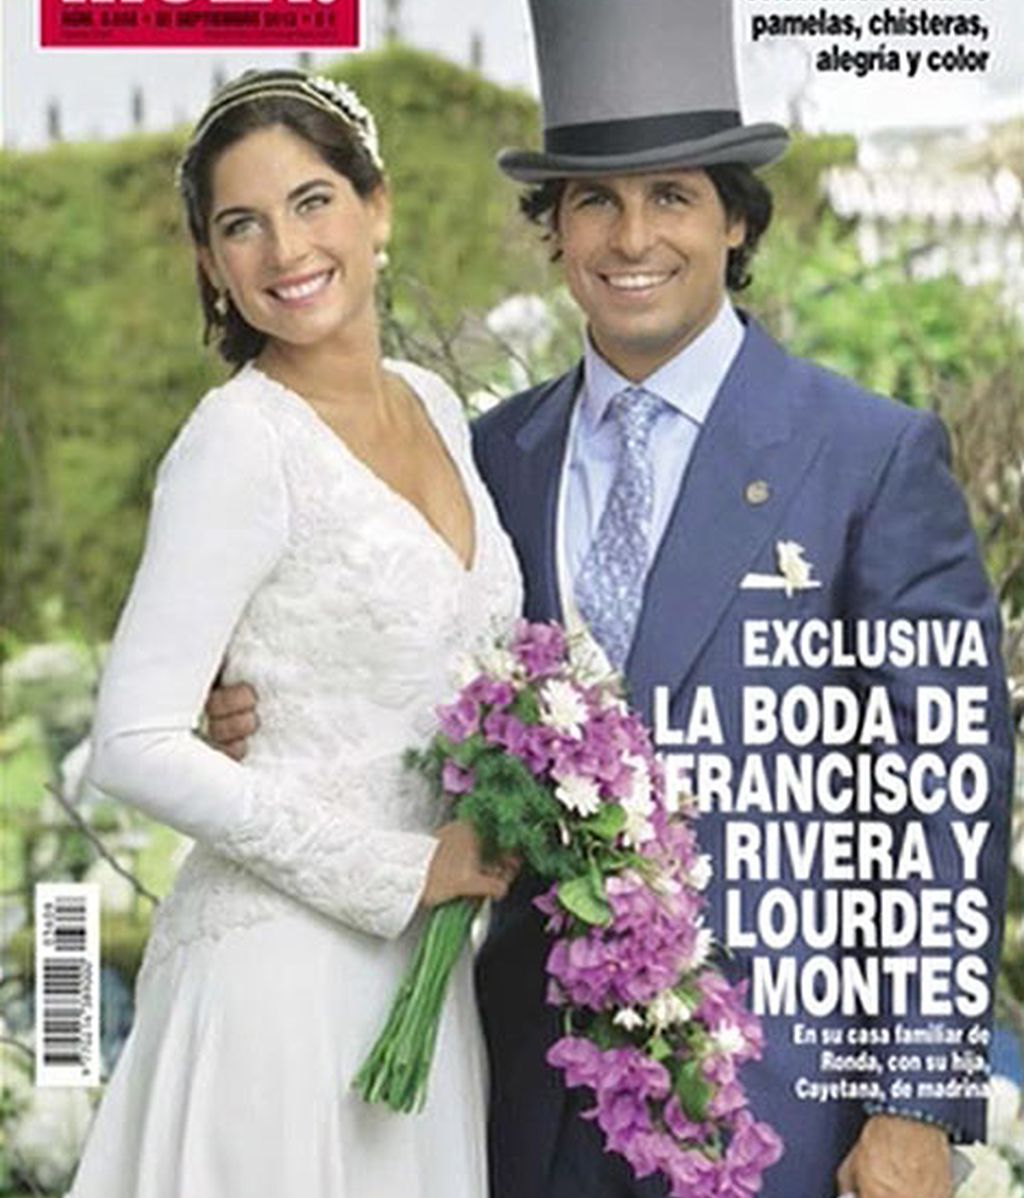 """Paloma Barrientos: """"El gabinete jurídico decidió que se podían publicar las fotos de la boda"""""""